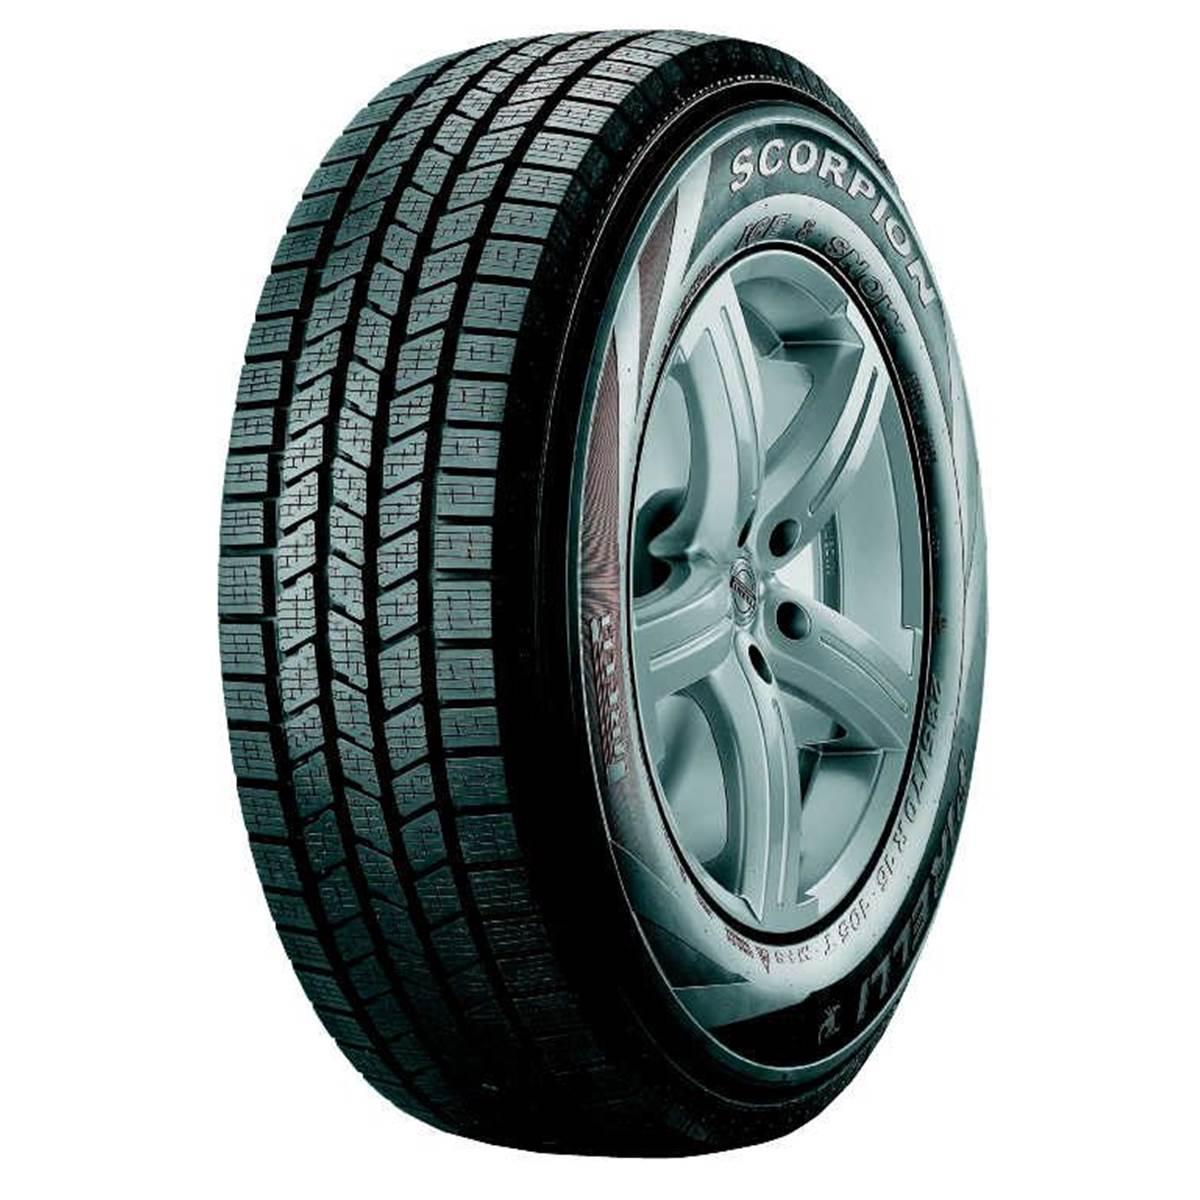 Pirelli Scorpion Winter Homologue Masserati Xl